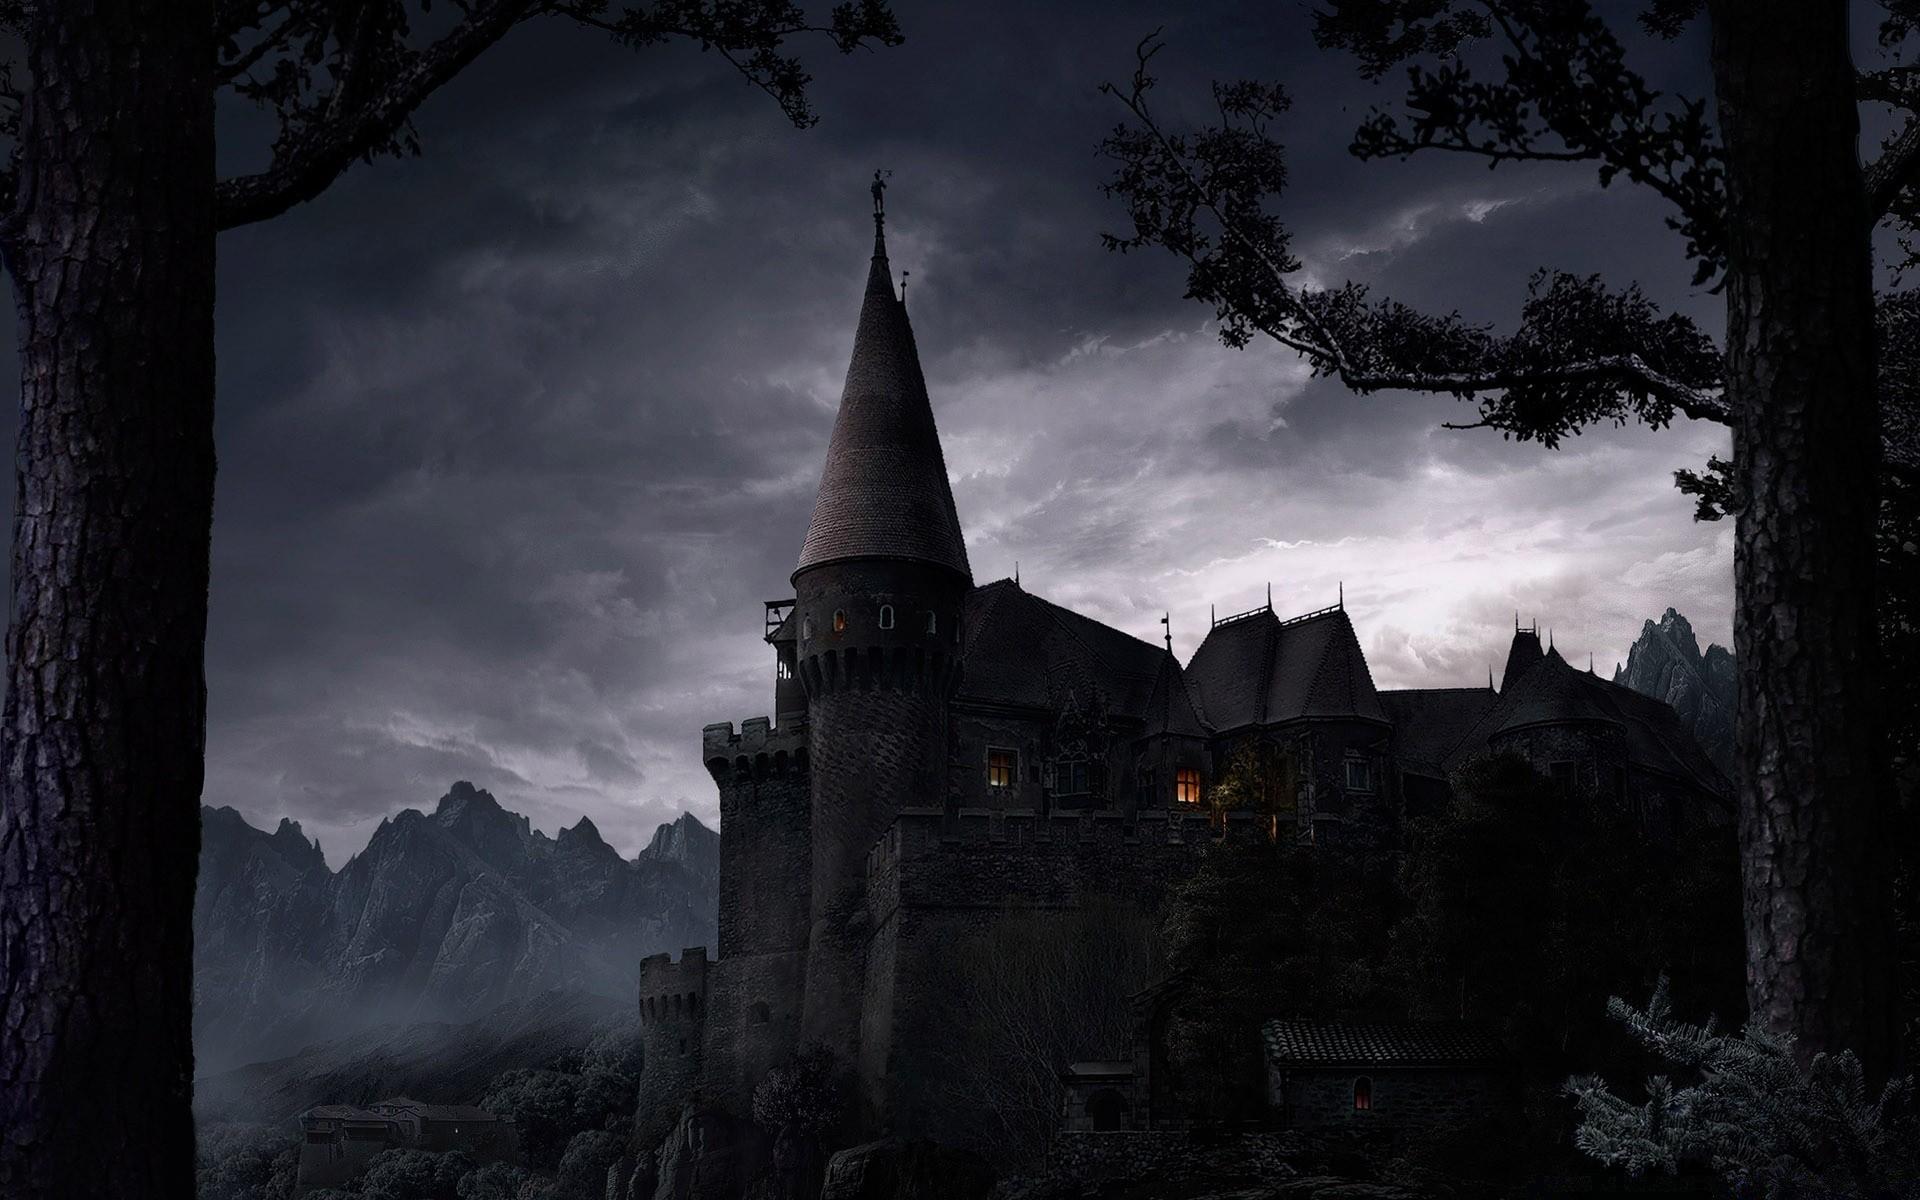 Мрачная картинка с замком